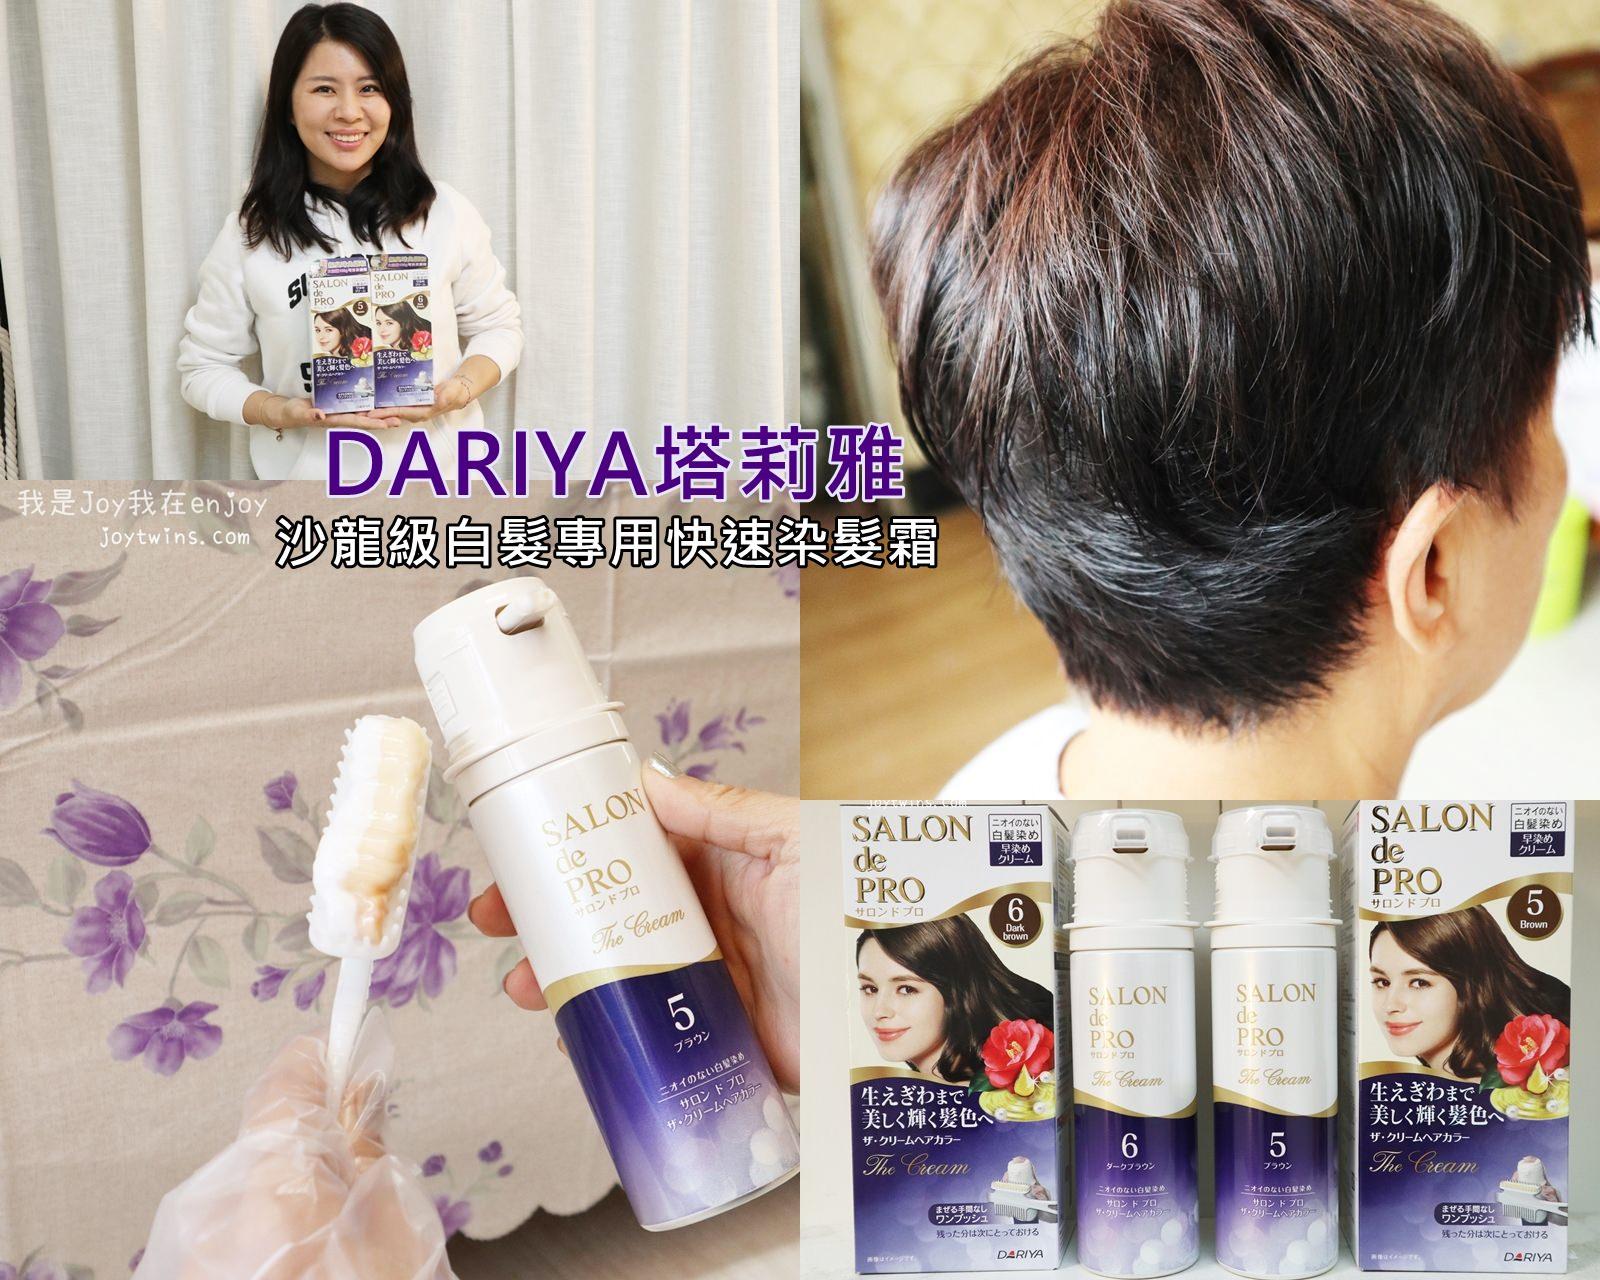 只要15分鐘白髮掰掰 DARIYA塔莉雅 沙龍級白髮專用快速染髮霜 時尚自然的髮色讓人更年輕!